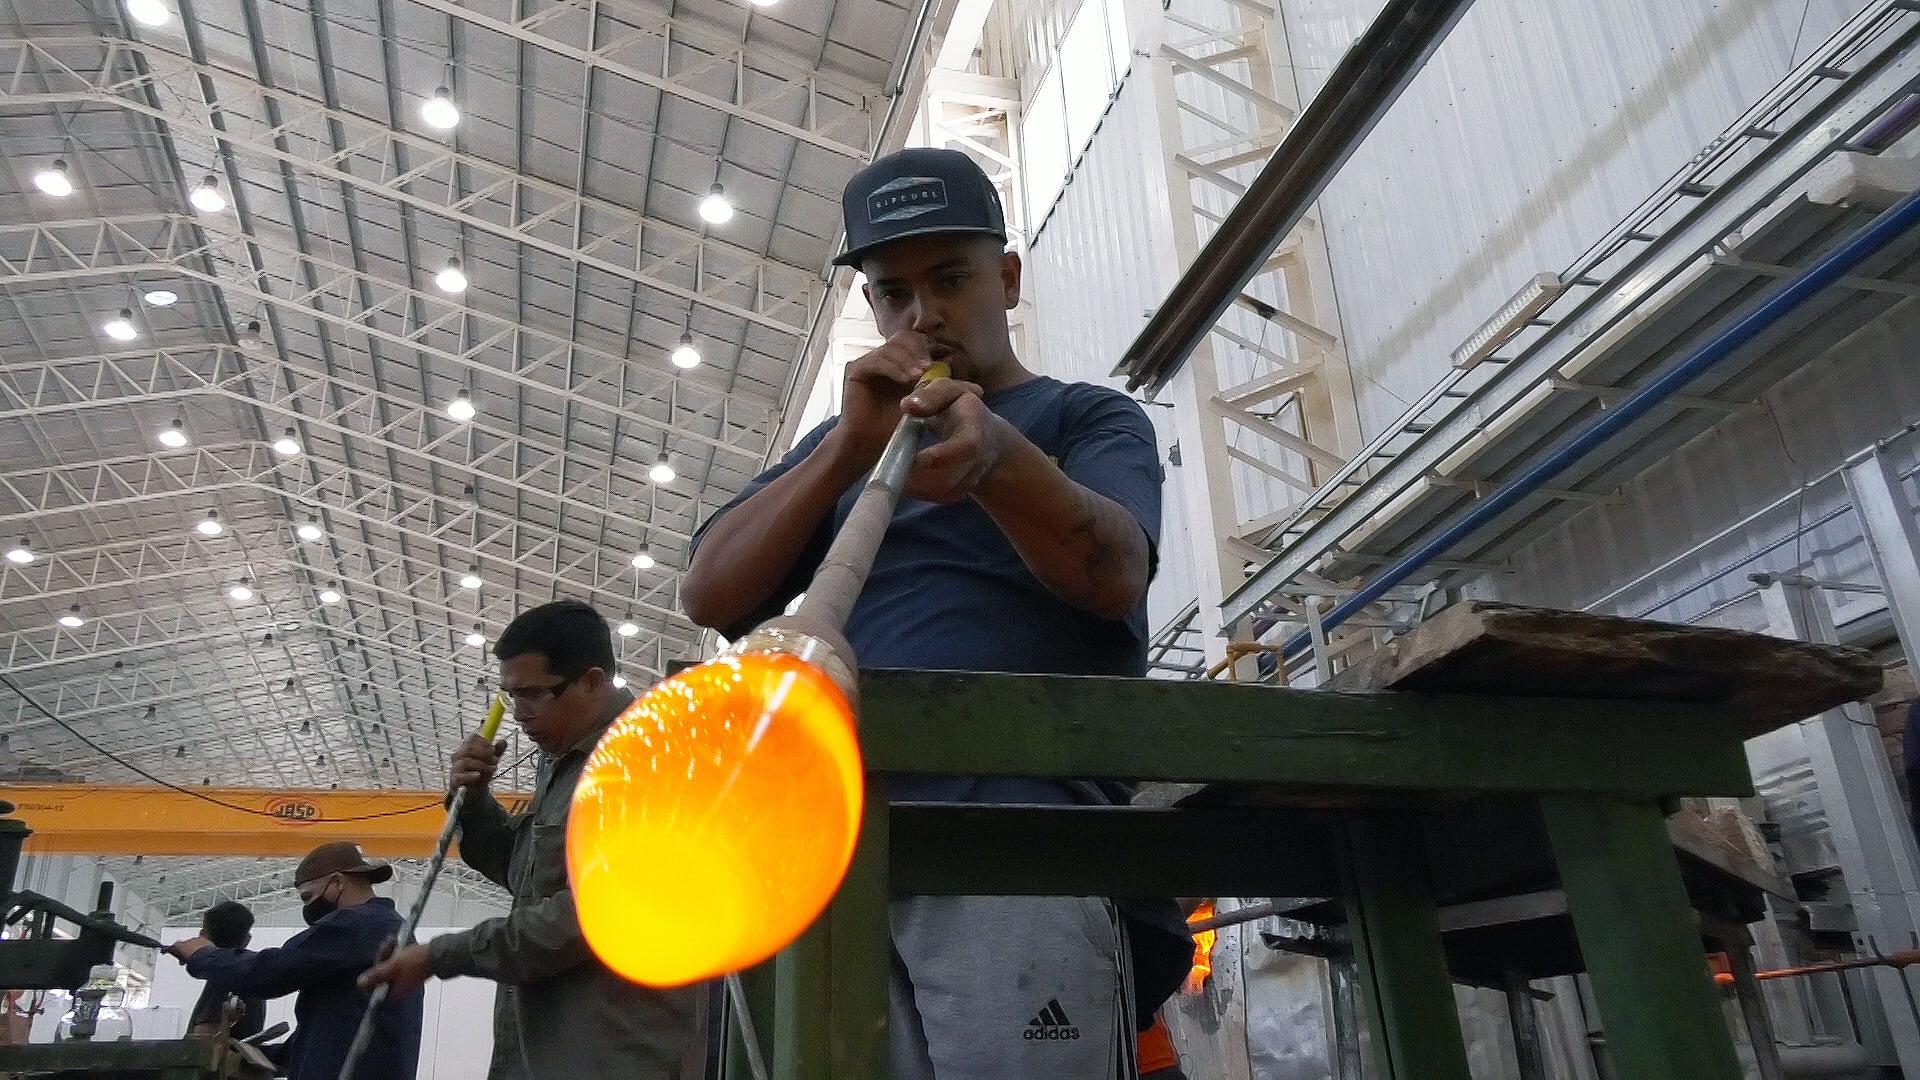 cutral-co-tiene-la-primera-fabrica-de-vidrios-en-el-parque-tecnologico